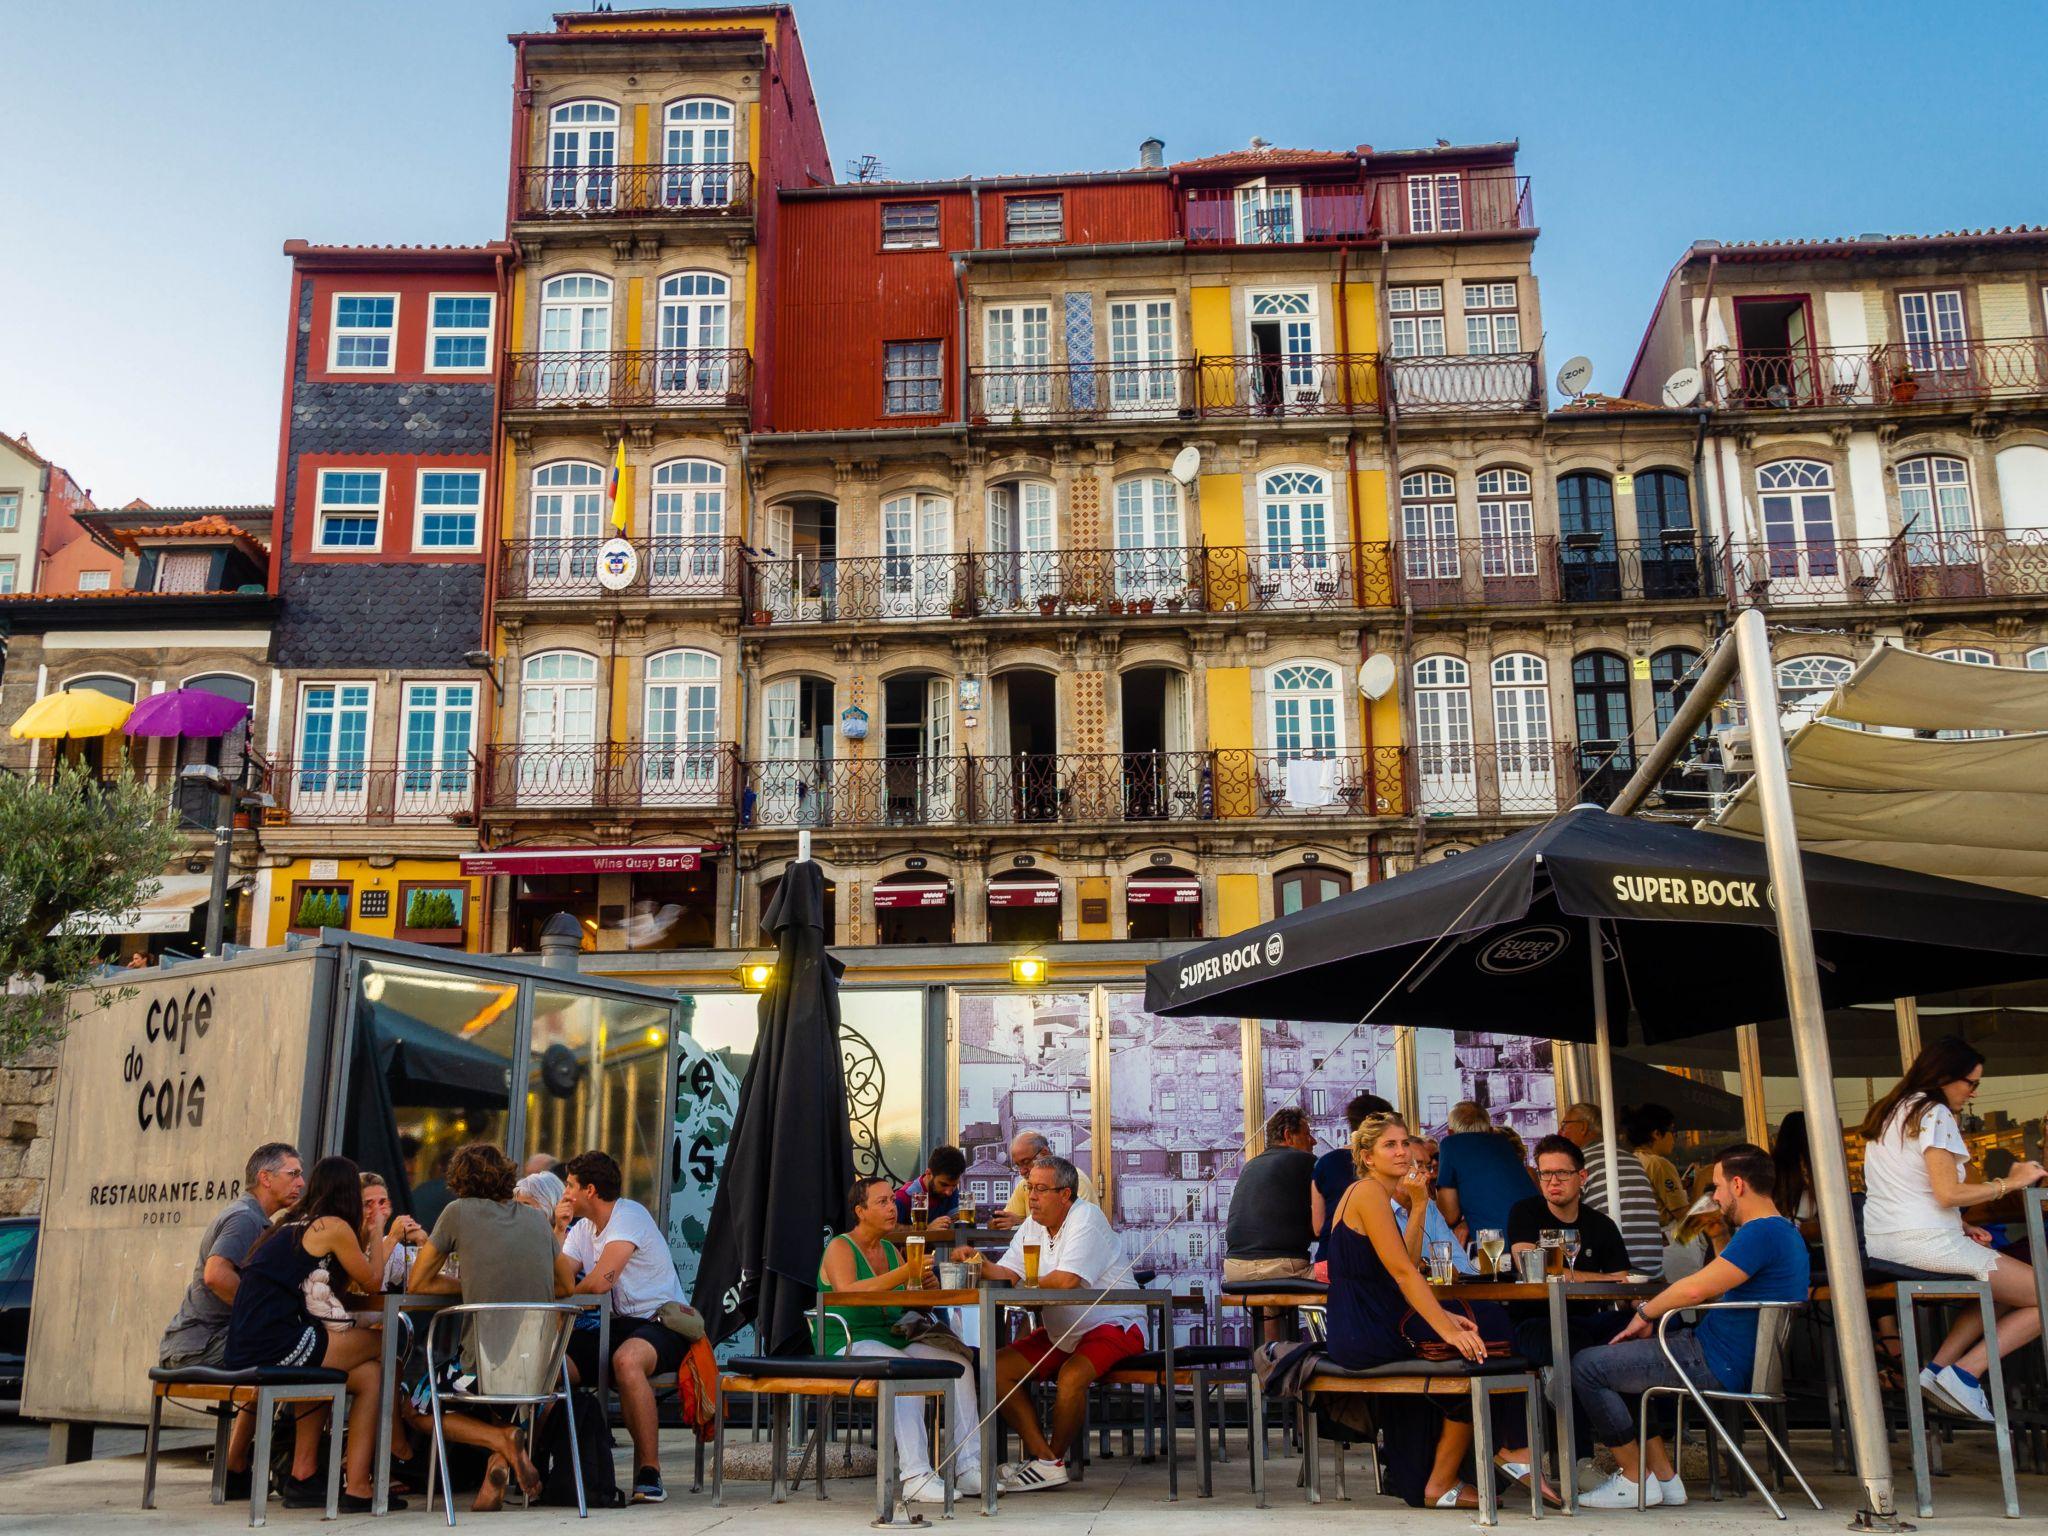 Cais da Ribeira, Portugal